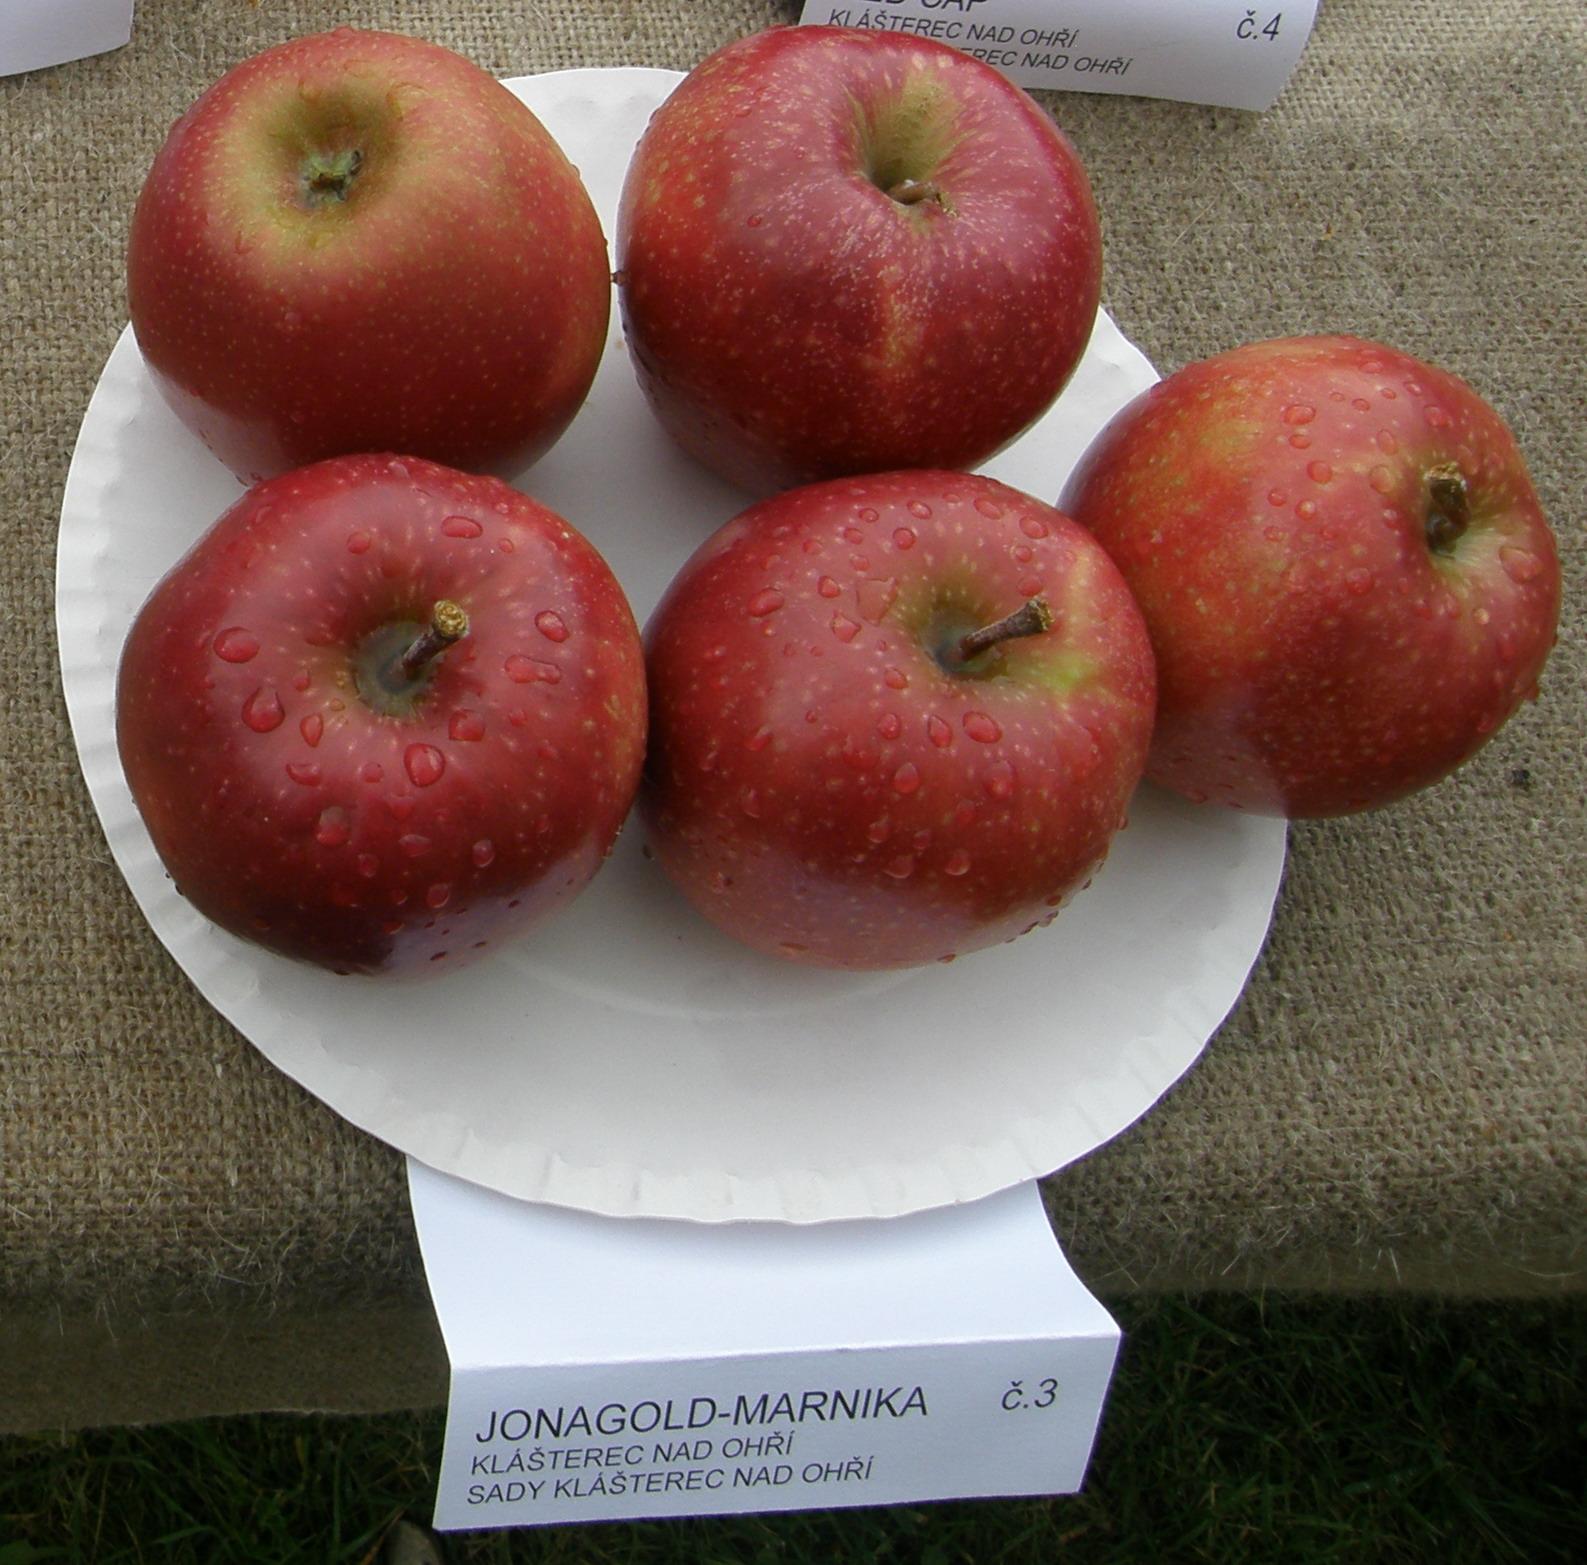 3. místo odrůda Jonagold - Marnika